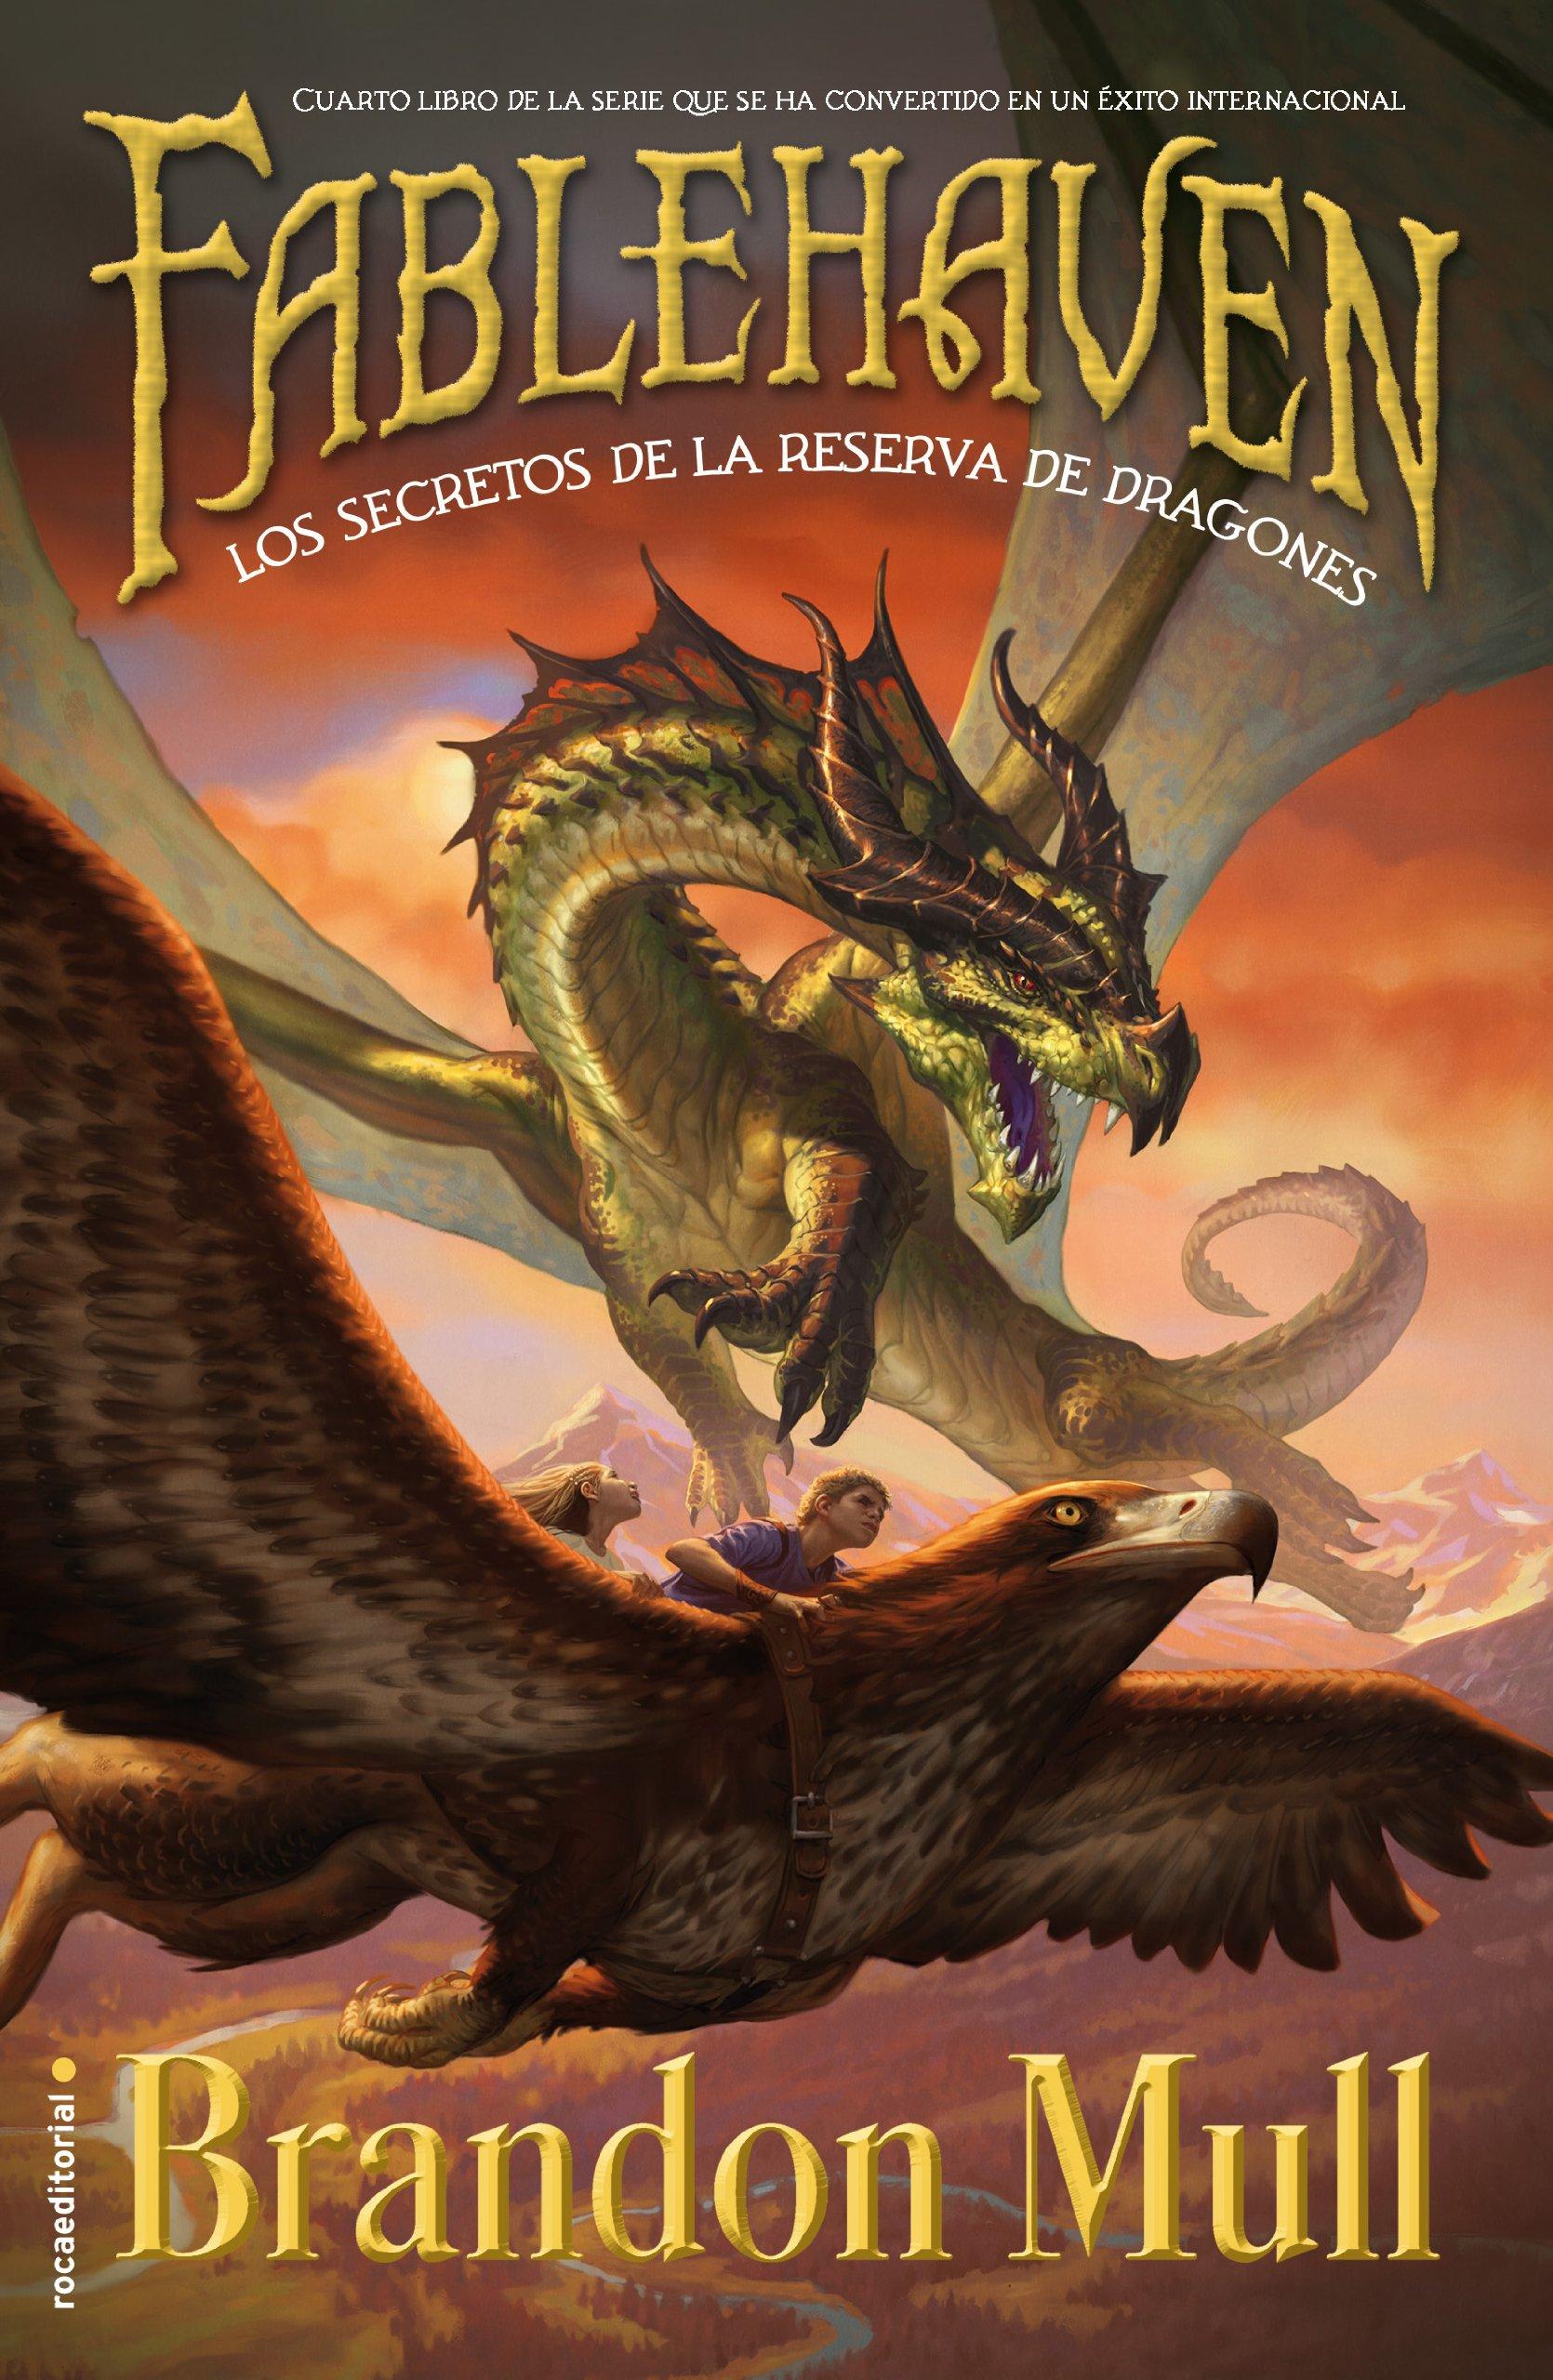 Los secretos de la reserva de los dragones: Libro IV Junior - Juvenil roca: Amazon.es: Brandon Mull, Inés Belaustegui: Libros